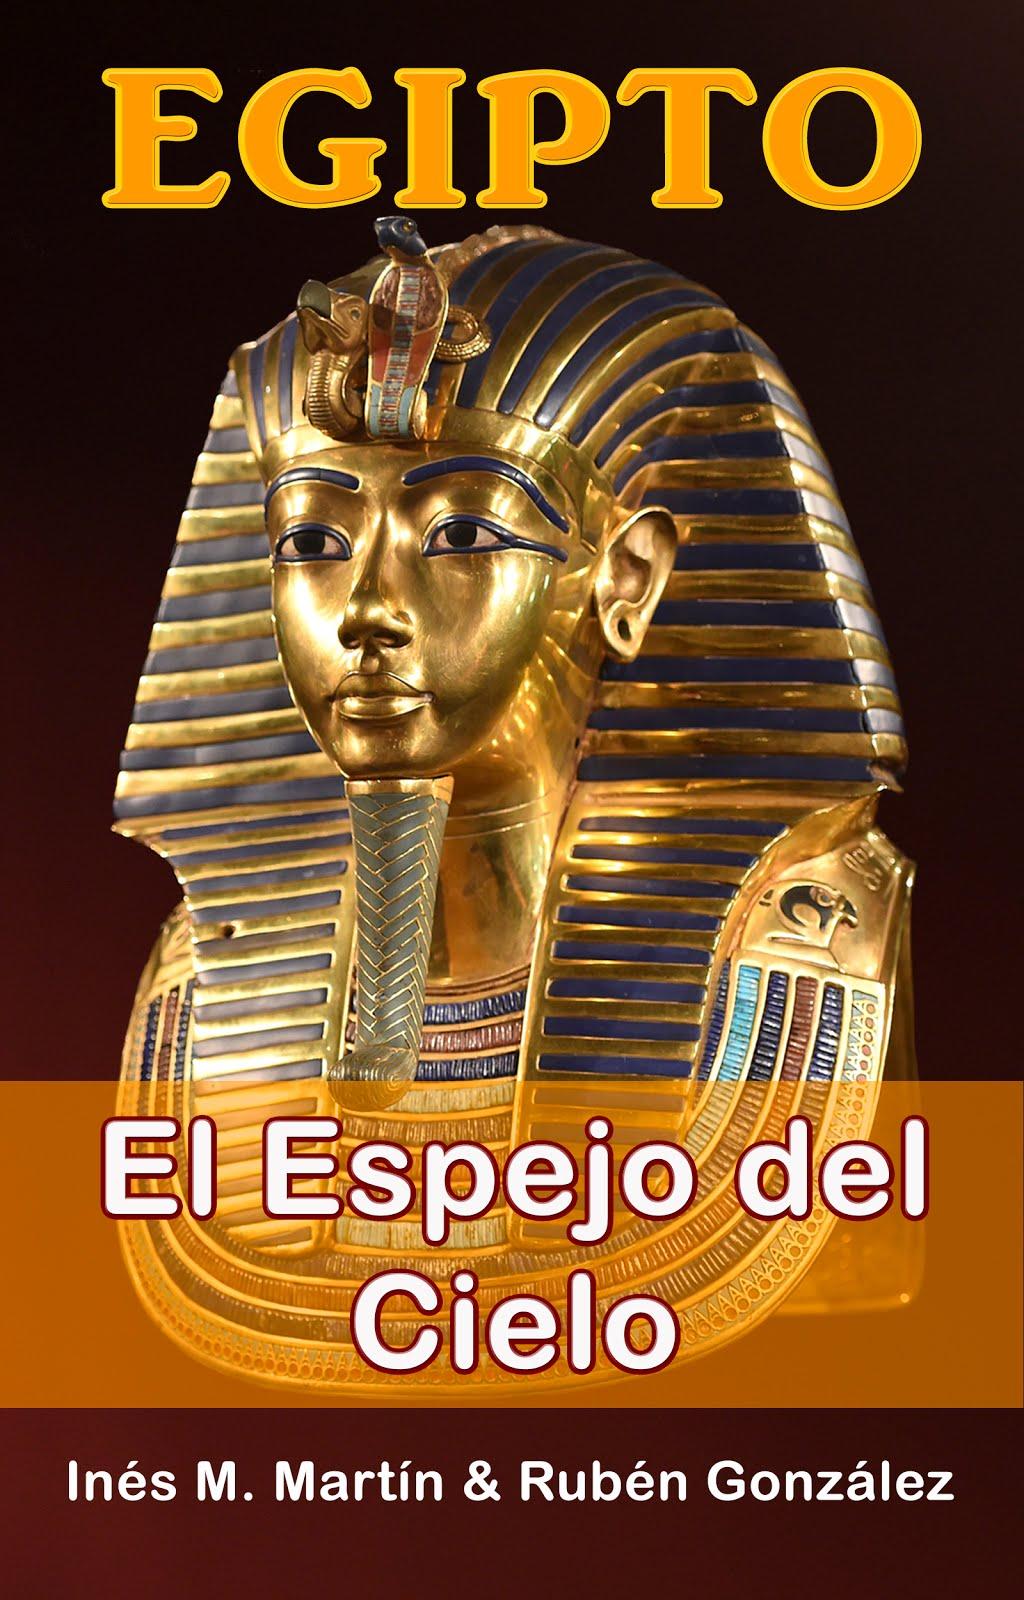 EGIPTO, EL ESPEJO DEL CIELO  5.50€